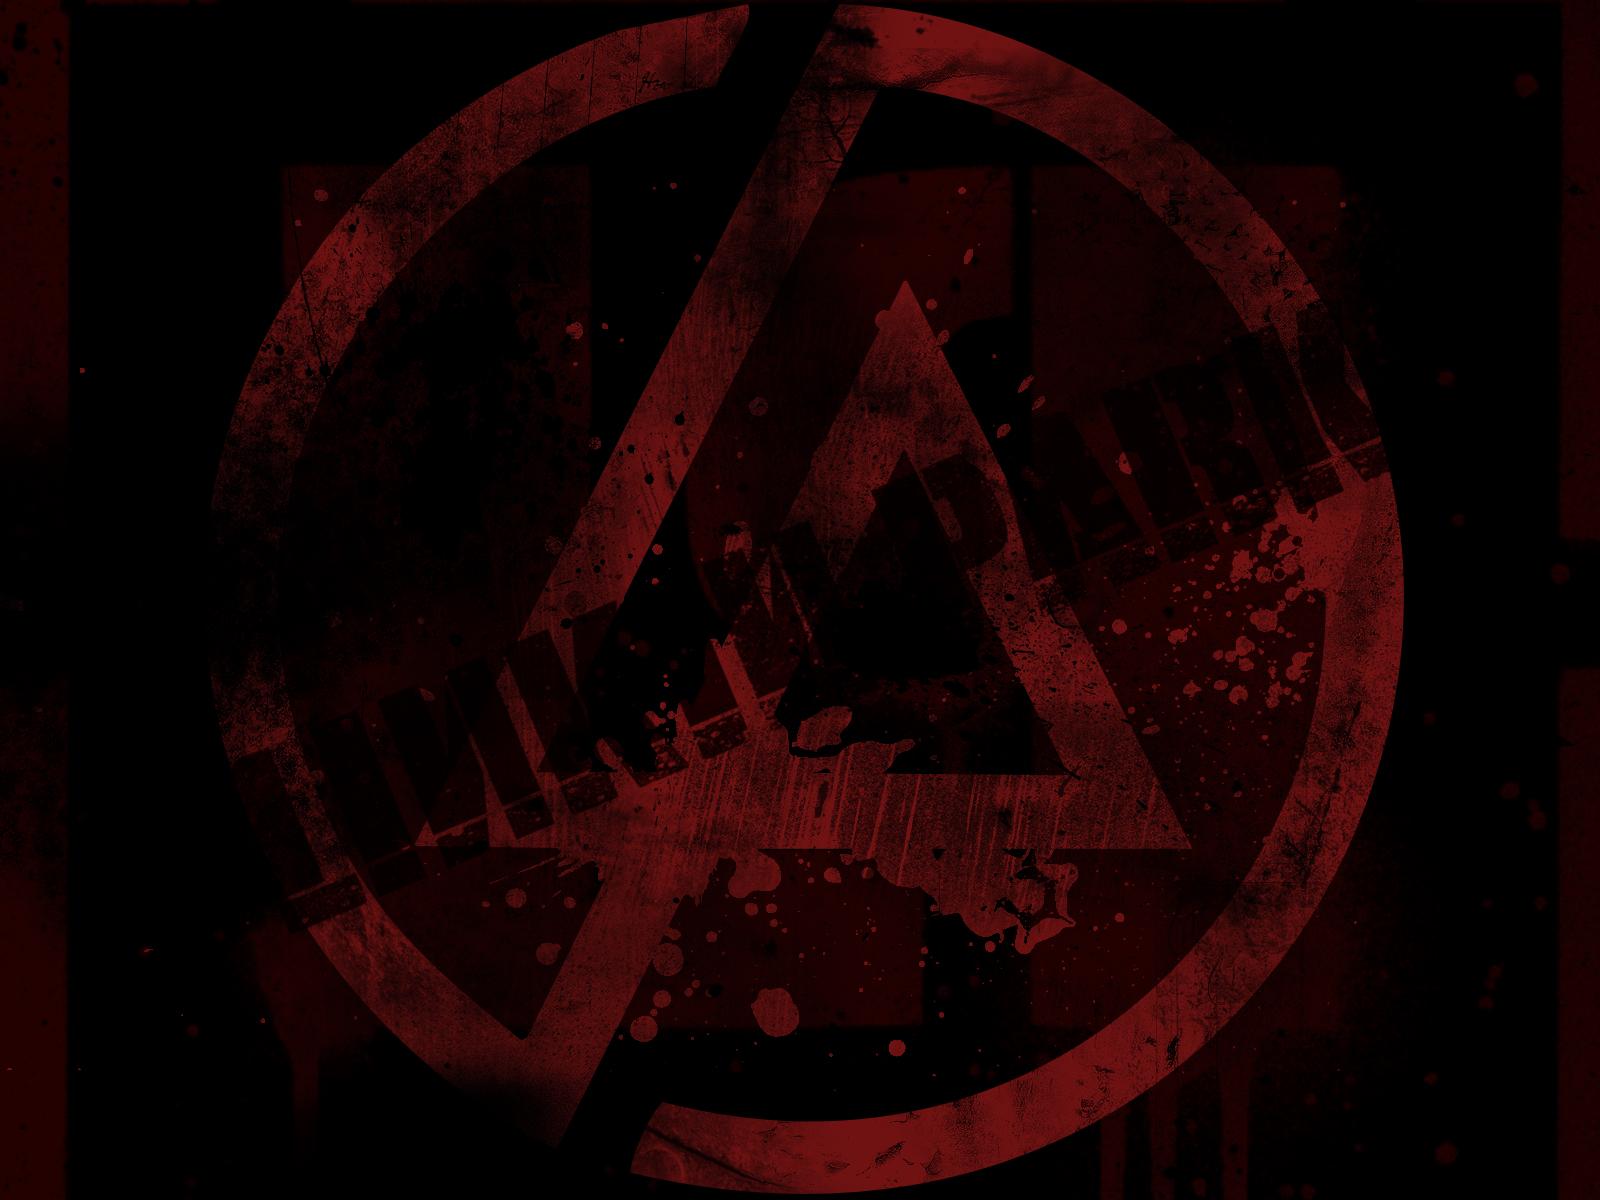 Linkin Park grunge by vallentine